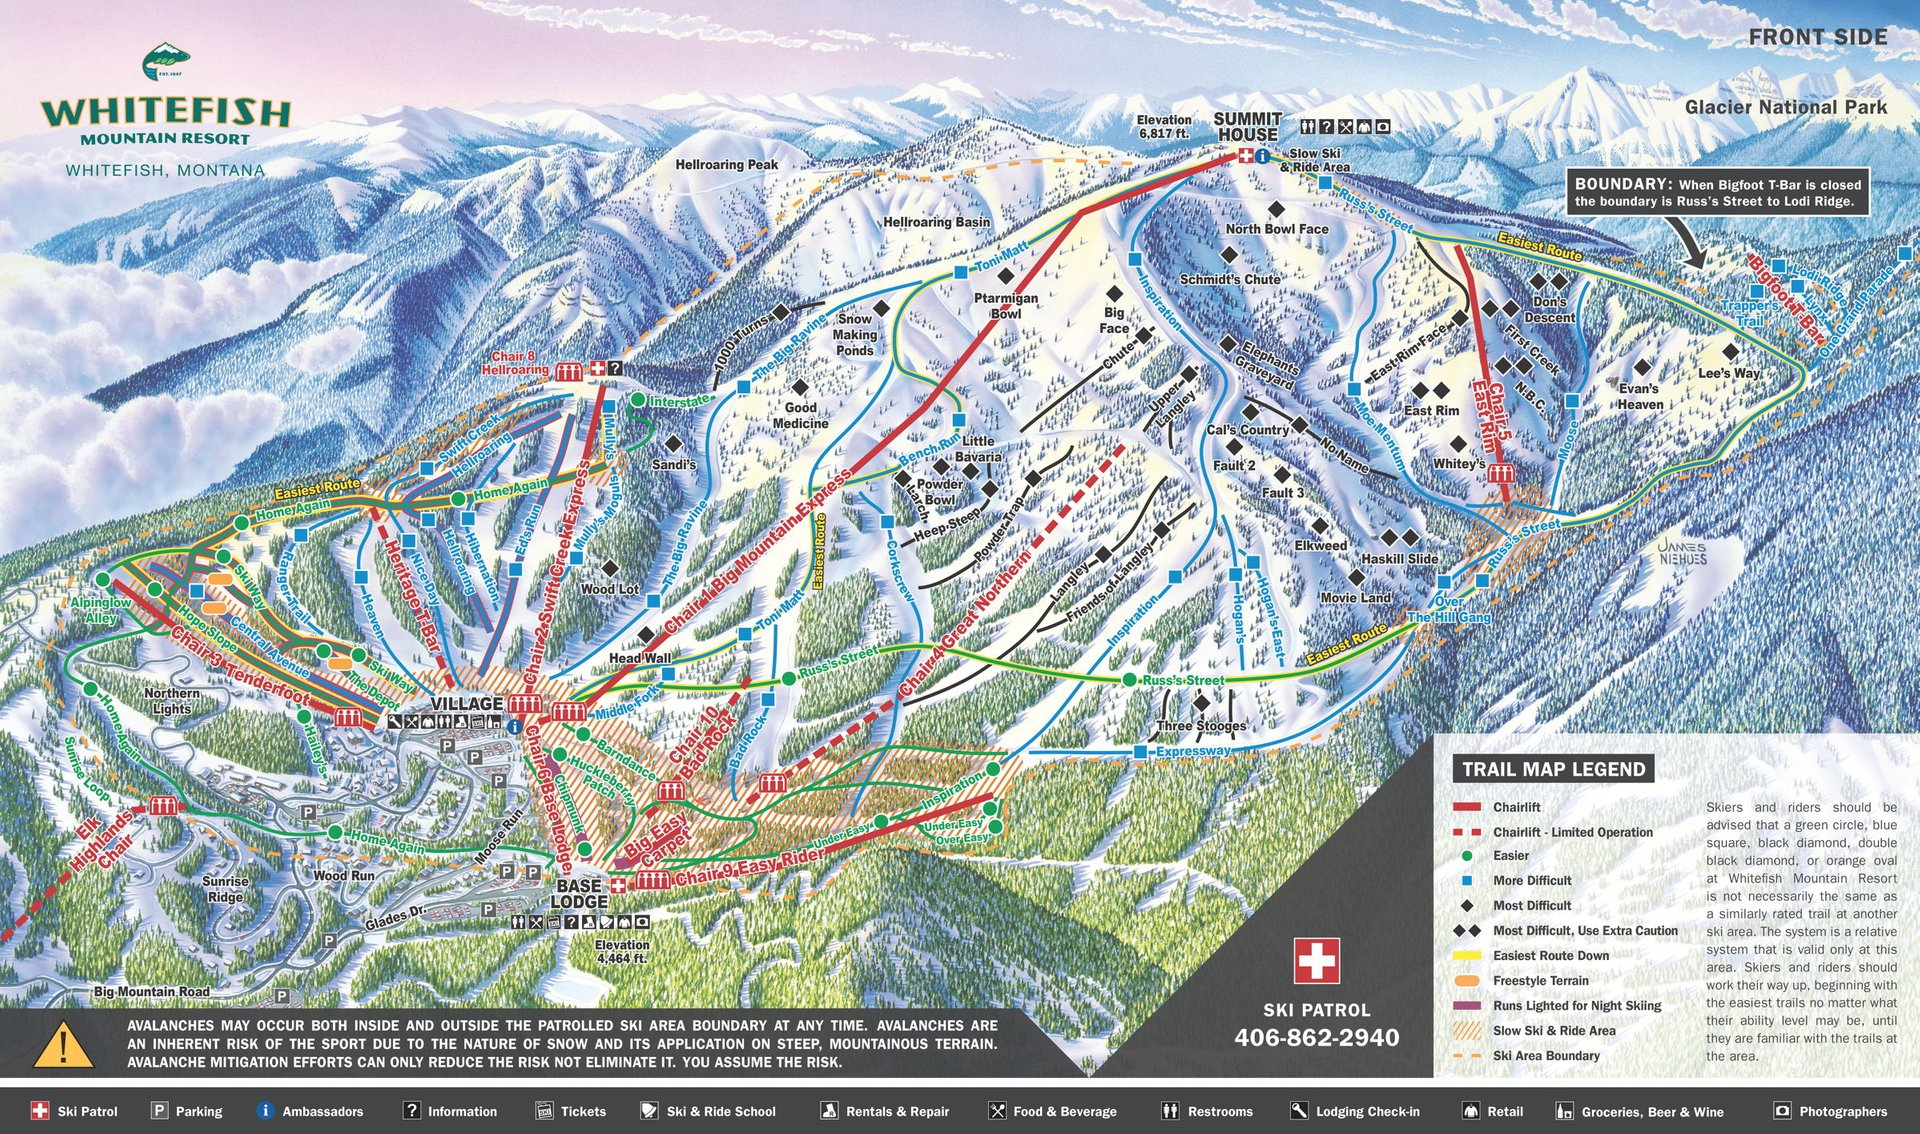 Whitefish Skiing in Montana - Best Season 2020